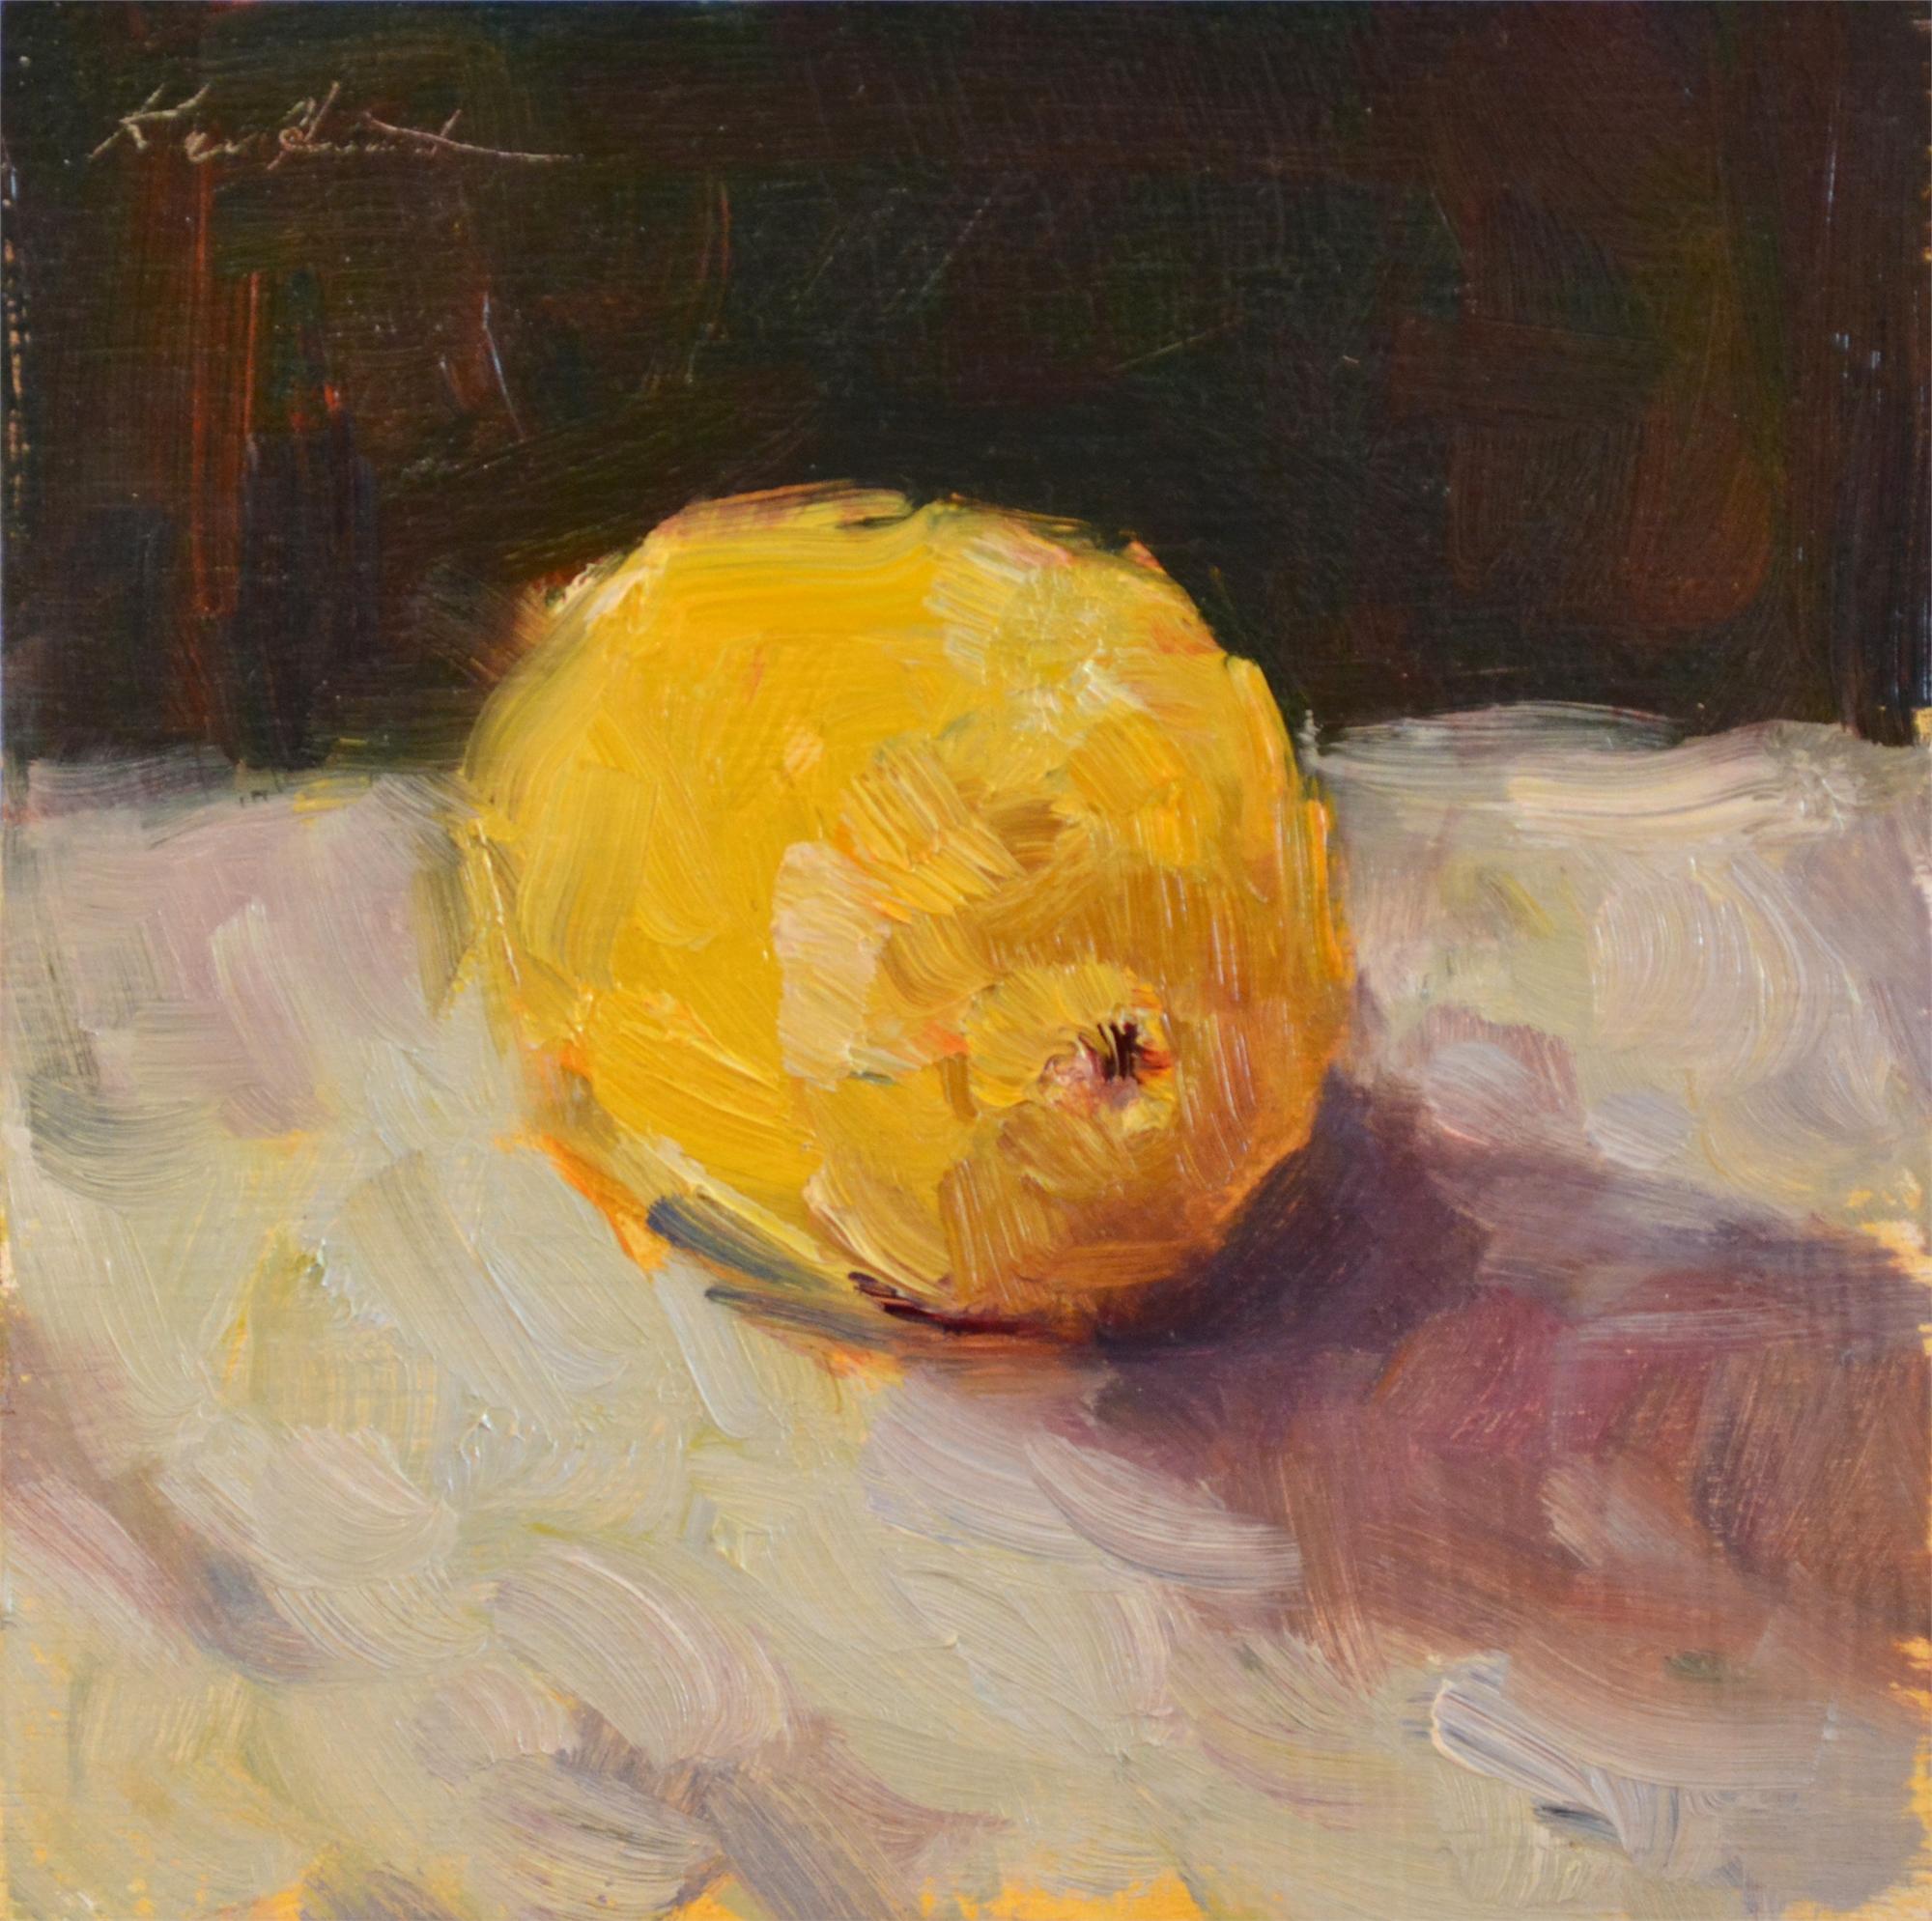 Lone Lemon II by Karen Hewitt Hagan